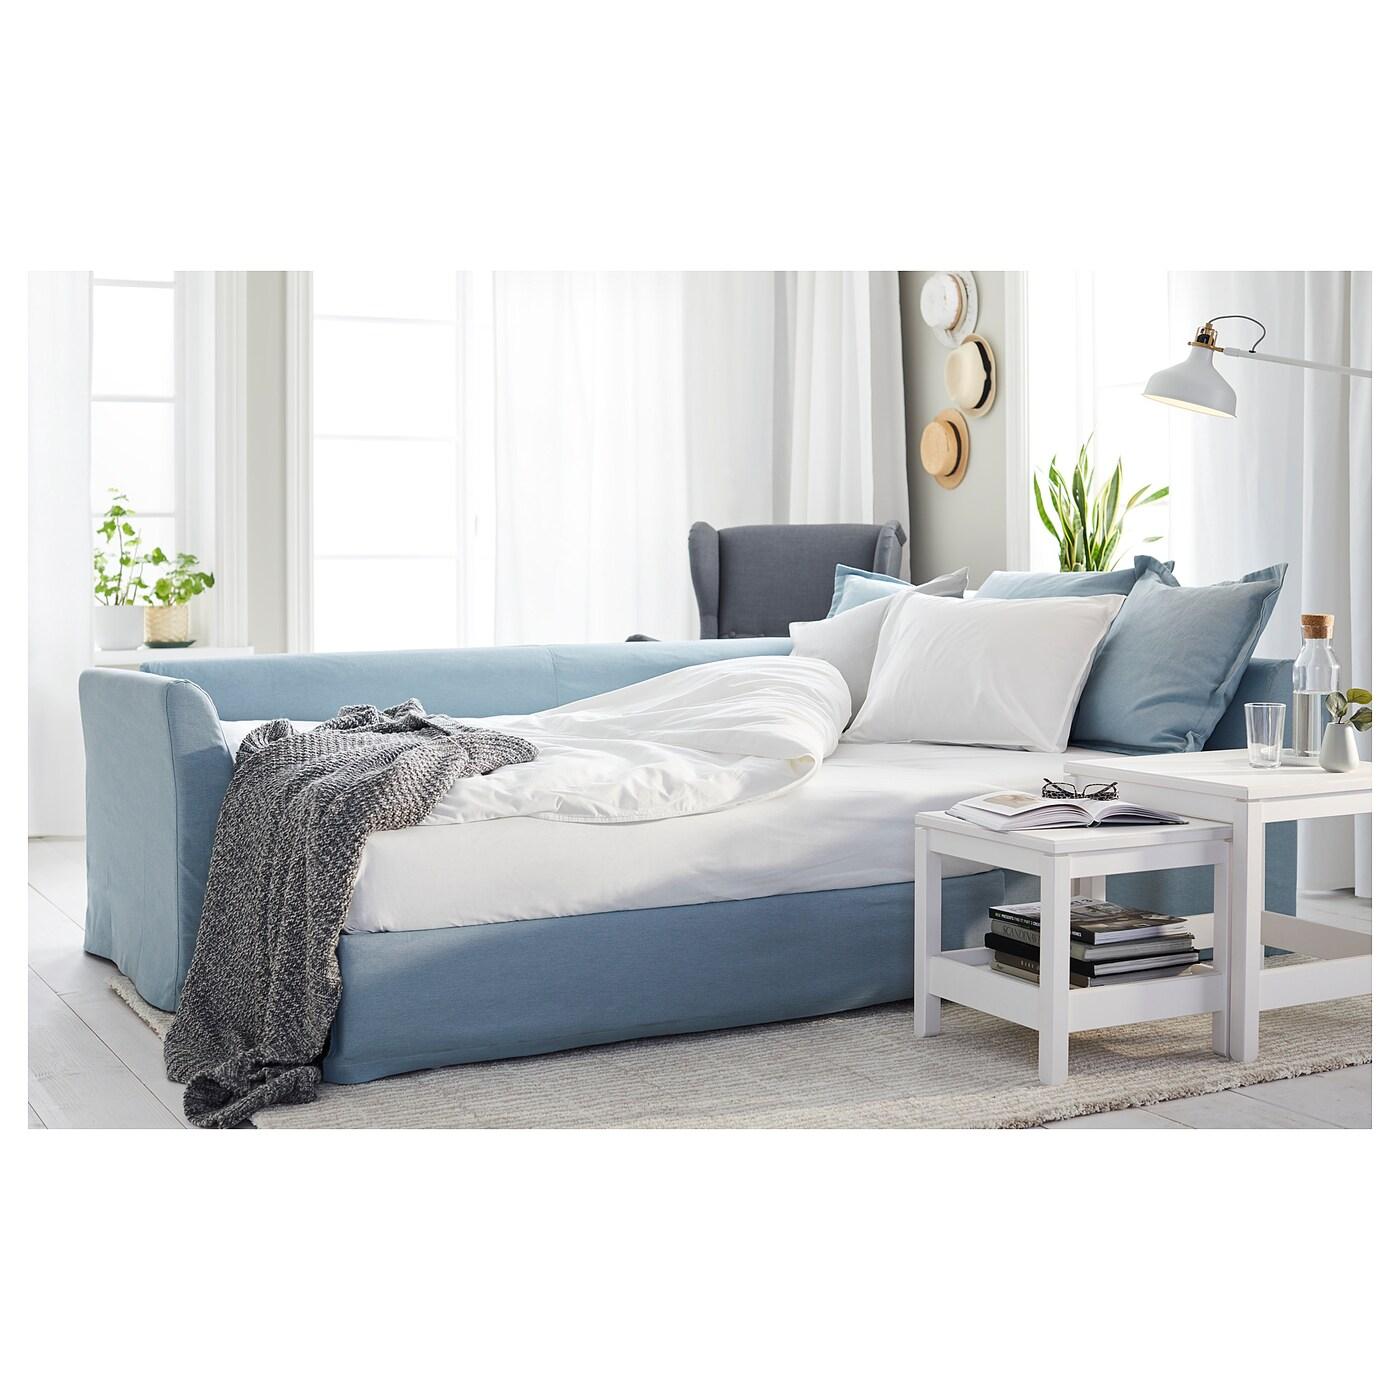 Full Size of Paravent Garten Wetterfest Ikea Sessel Hellblau Stuhl Visu Von Muuto Bild 7 Living Wohnzimmer Paravent Gartenikea